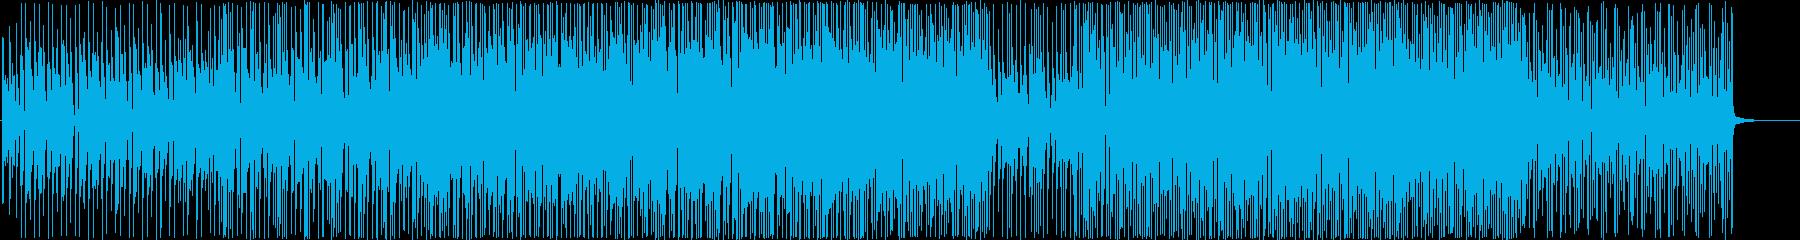 Latin 楽しげ お洒落 エキゾ...の再生済みの波形